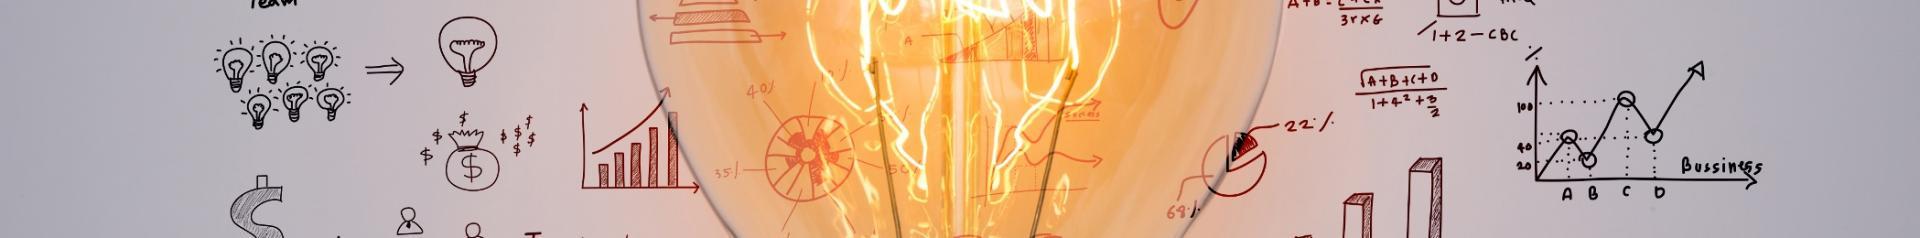 Imagen de idea en http://www.freepik.es/foto-gratis/bombilla-con-el-grafico-de-dibujo_1007991.htm, diseñado por Freepik